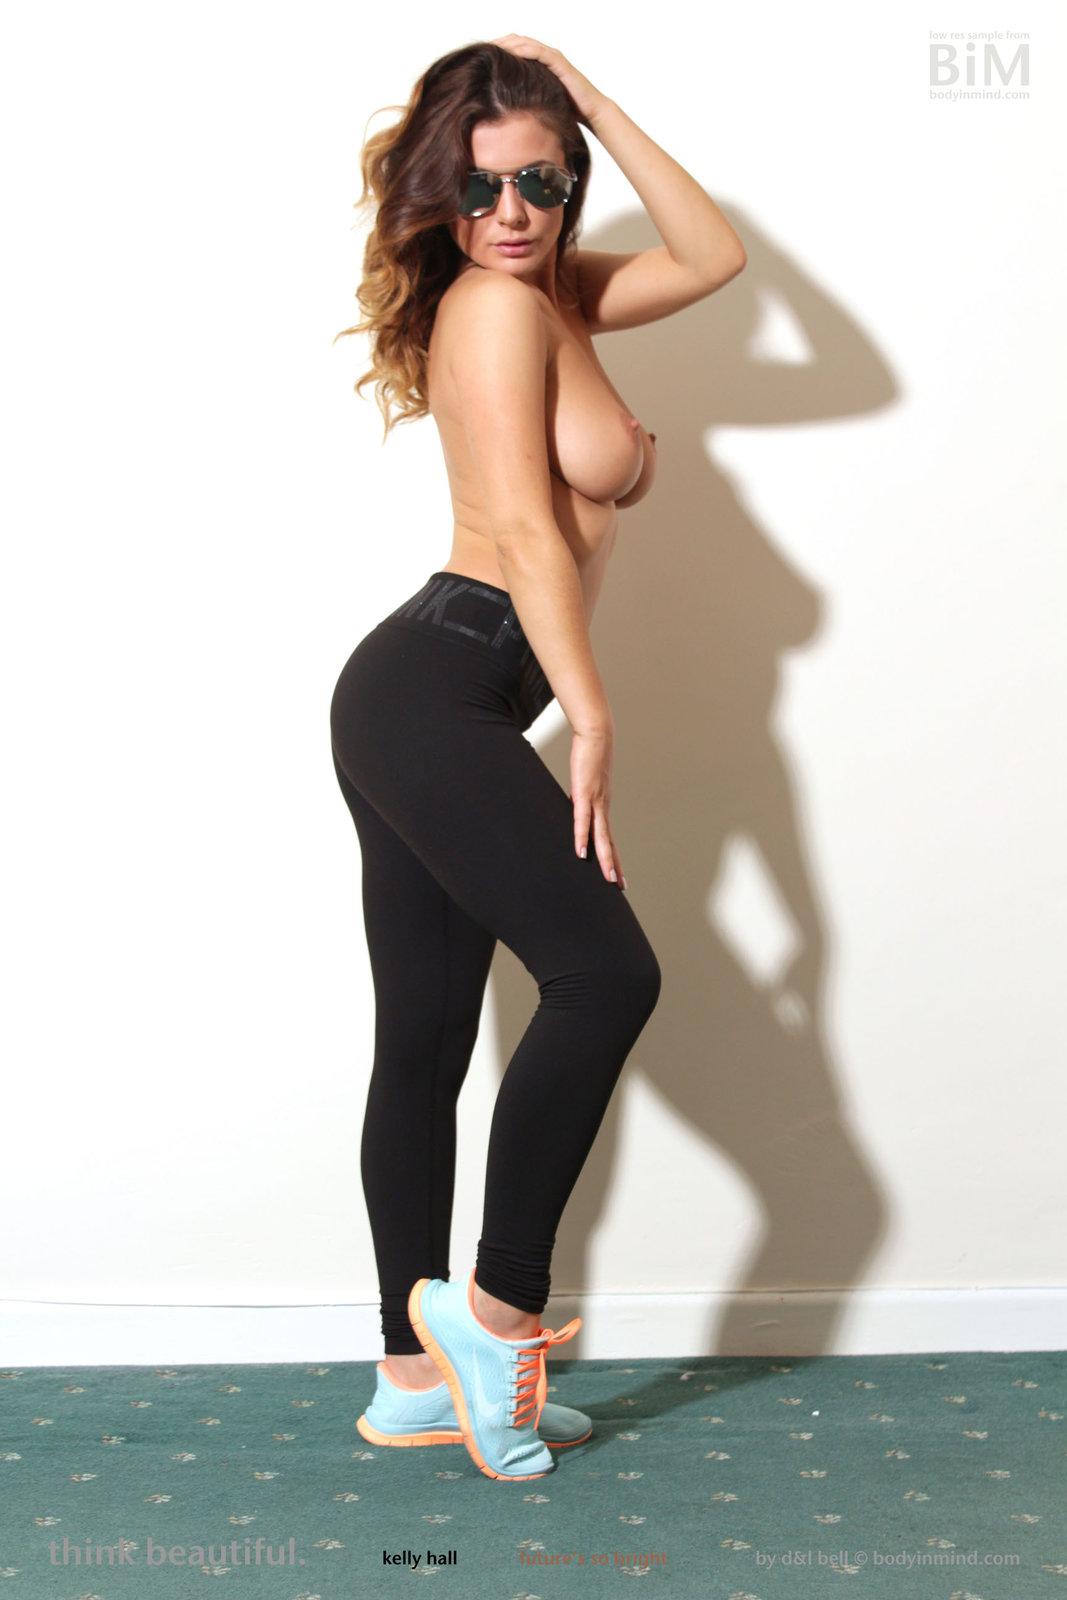 Zdjęcie porno - 064 - Idealnie krągłe ciałko